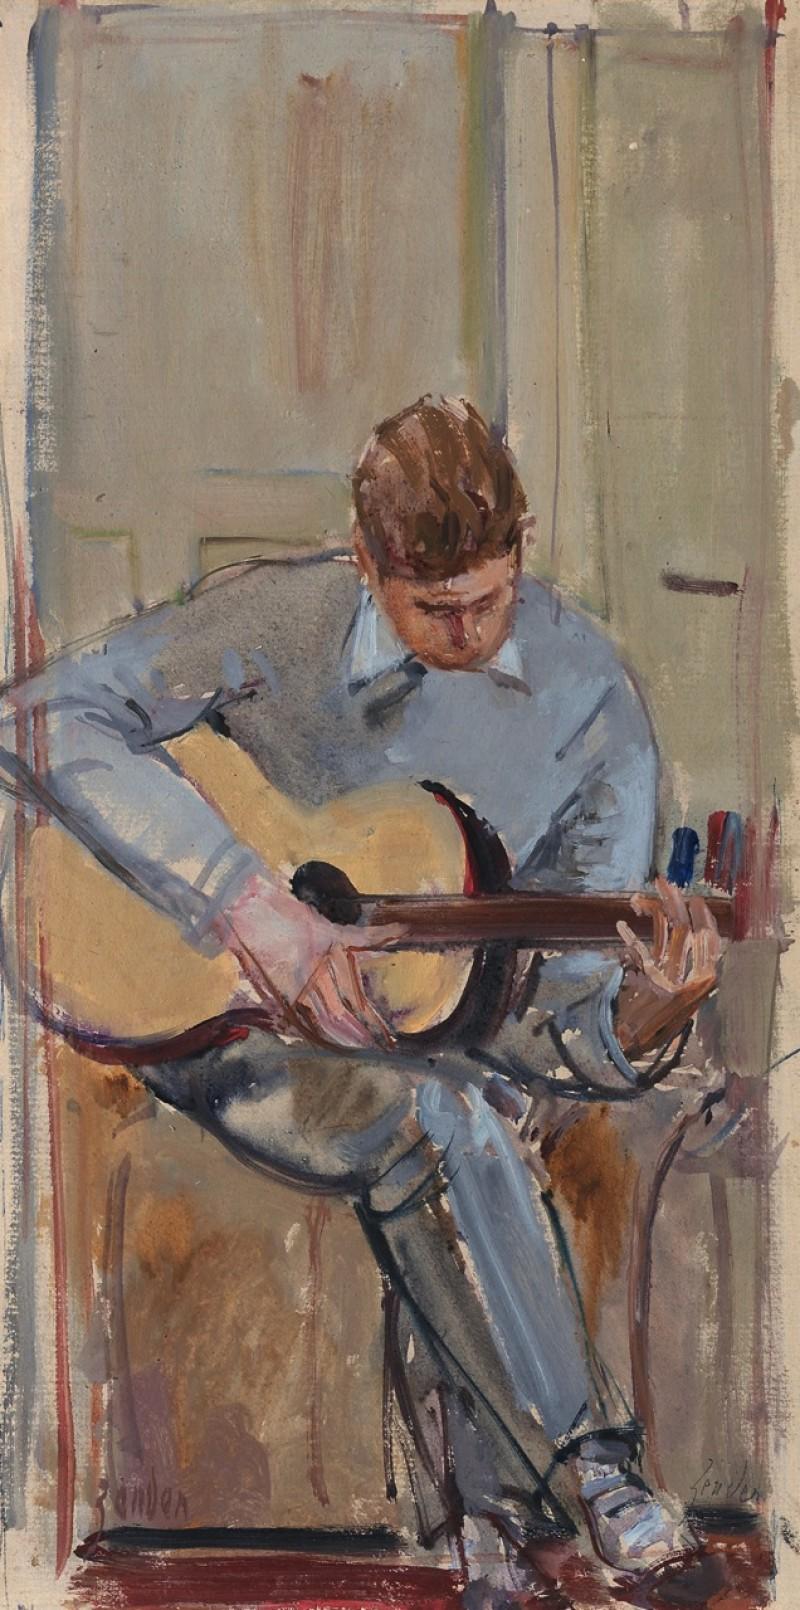 Jean-Caude Zehnder Gitarre spielend, Ende 1950er Jahre, verso Platanenallee